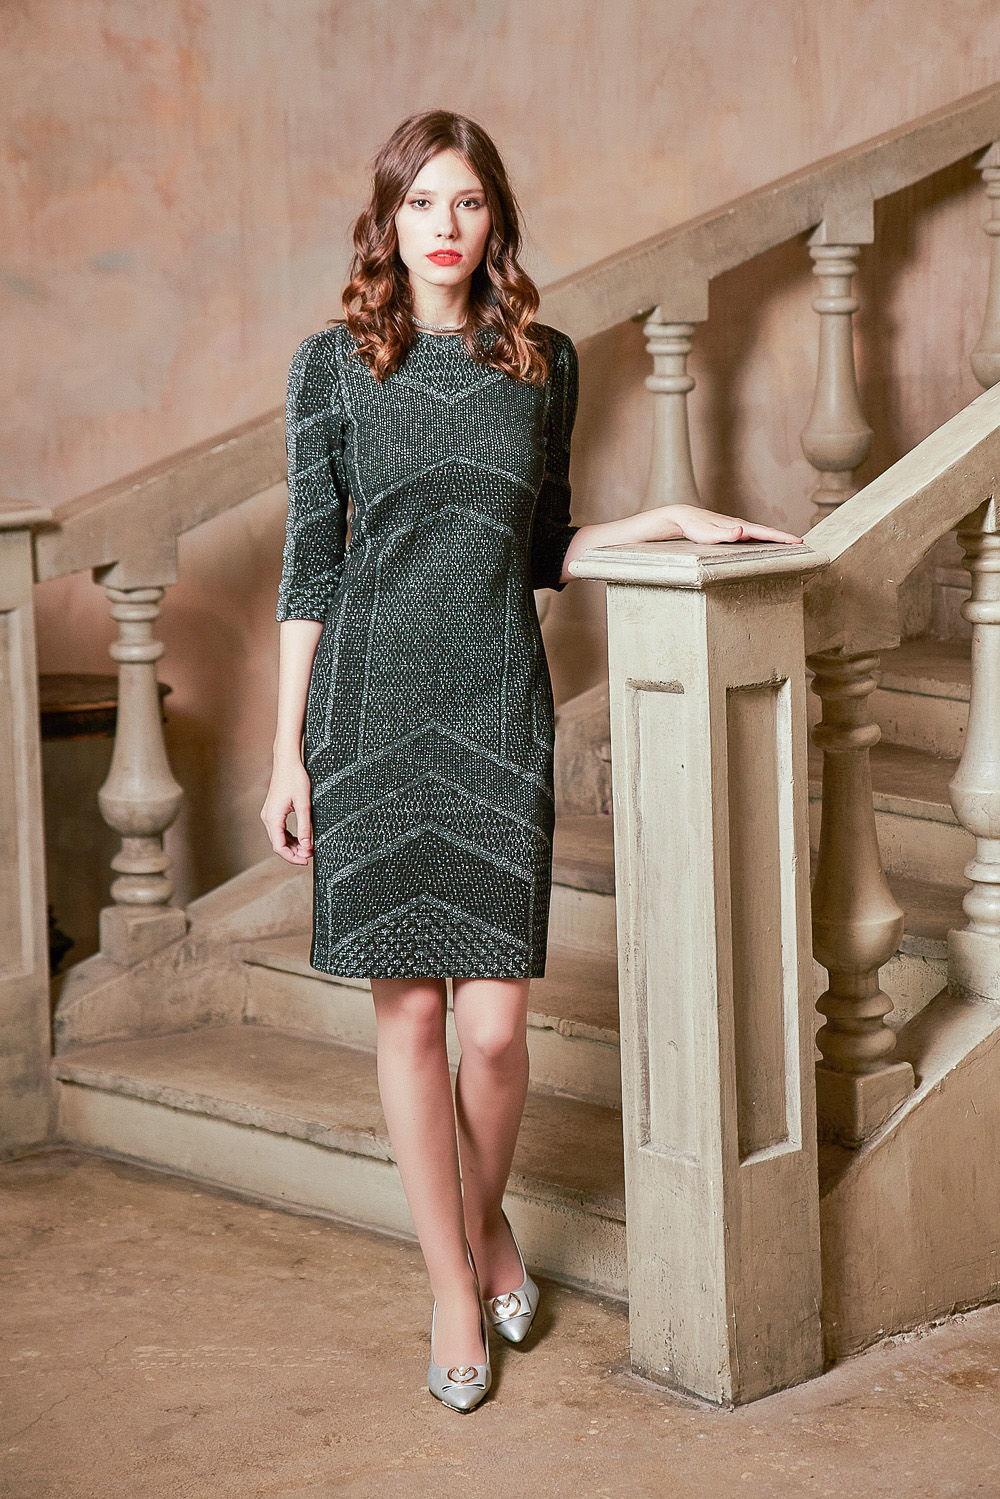 Платье З430-231 - Трикотажное практичное платье сдержанного стального цвета с оригинальным геометрическим узором. Прилегающий силуэт, скромный вырез горловины, рукав ¾, длина на ладонь выше колена – все продумано, чтобы максимально тонко подчеркнуть вашу женственность.Секрет восхитительного мерцания платья создан вплетением блестящих металлических нитей. Платье выглядят красиво и дорого.Другим преимуществом является наличие хлопка в составе ткани. Натуральные волокна обладают прекрасными гигиеническими качествами. Они не вызывают раздражения кожи. Платье превосходно садится по фигуре и хорошо держит форму, не вытягиваются в носке. Трикотаж с блеском эластичен.Платье относится к стилю кэжуал-глэм и смотрится естественно и шикарно